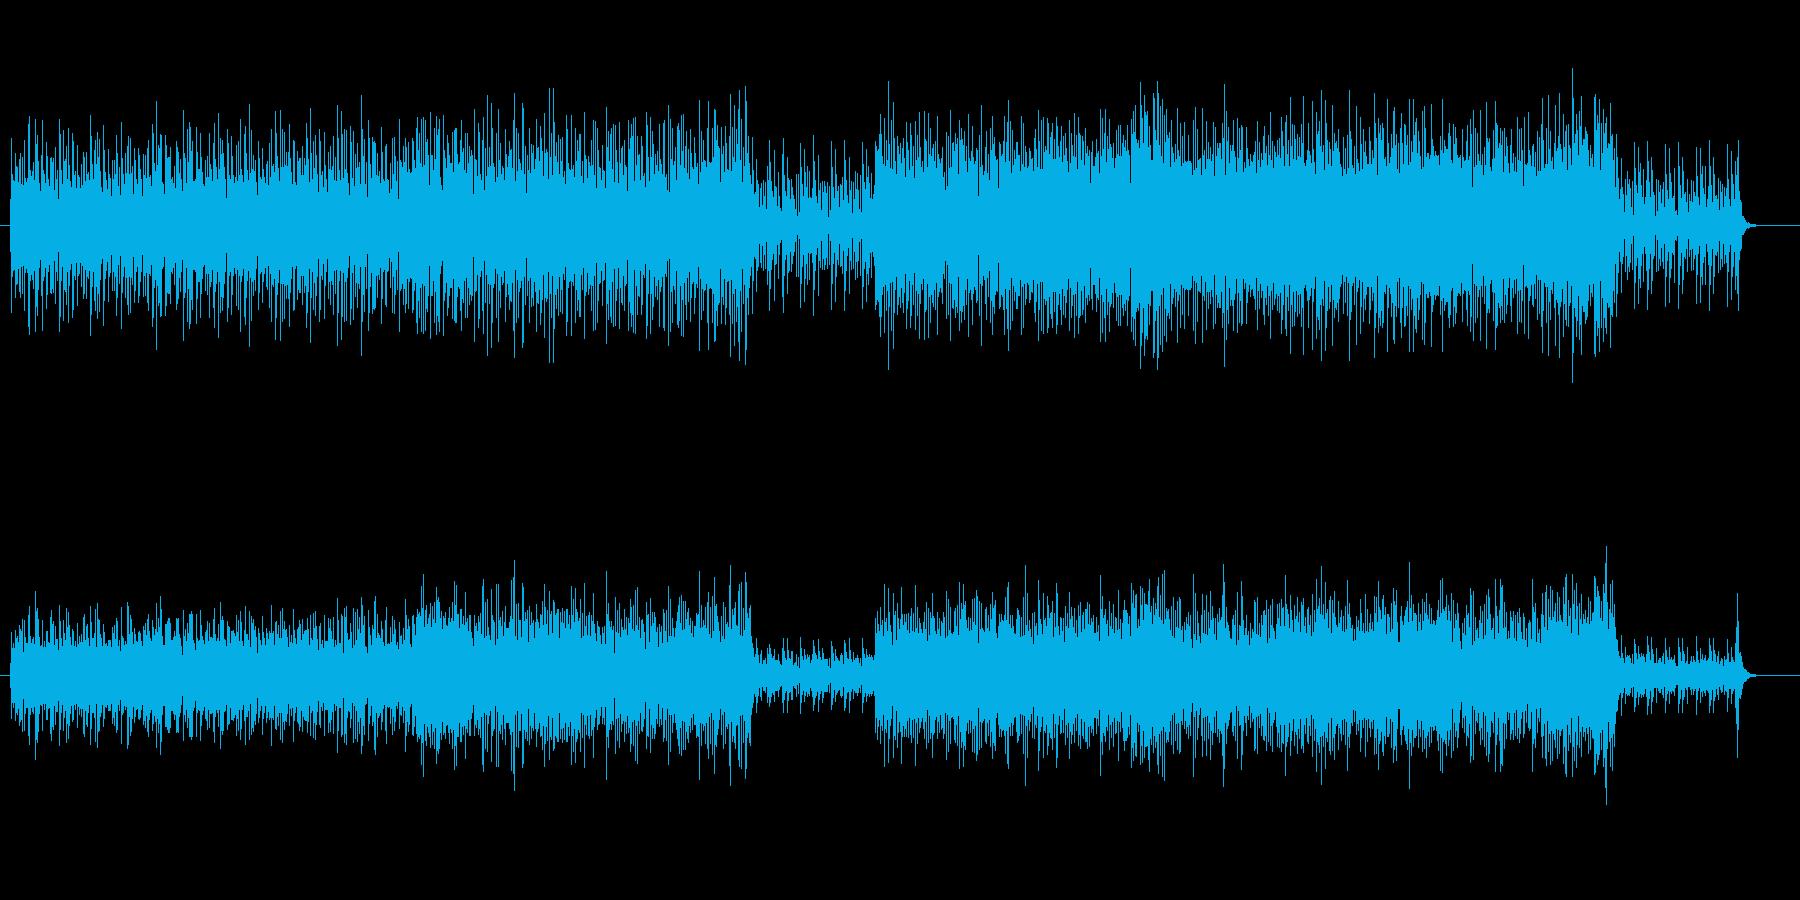 中南米民族音楽風の再生済みの波形